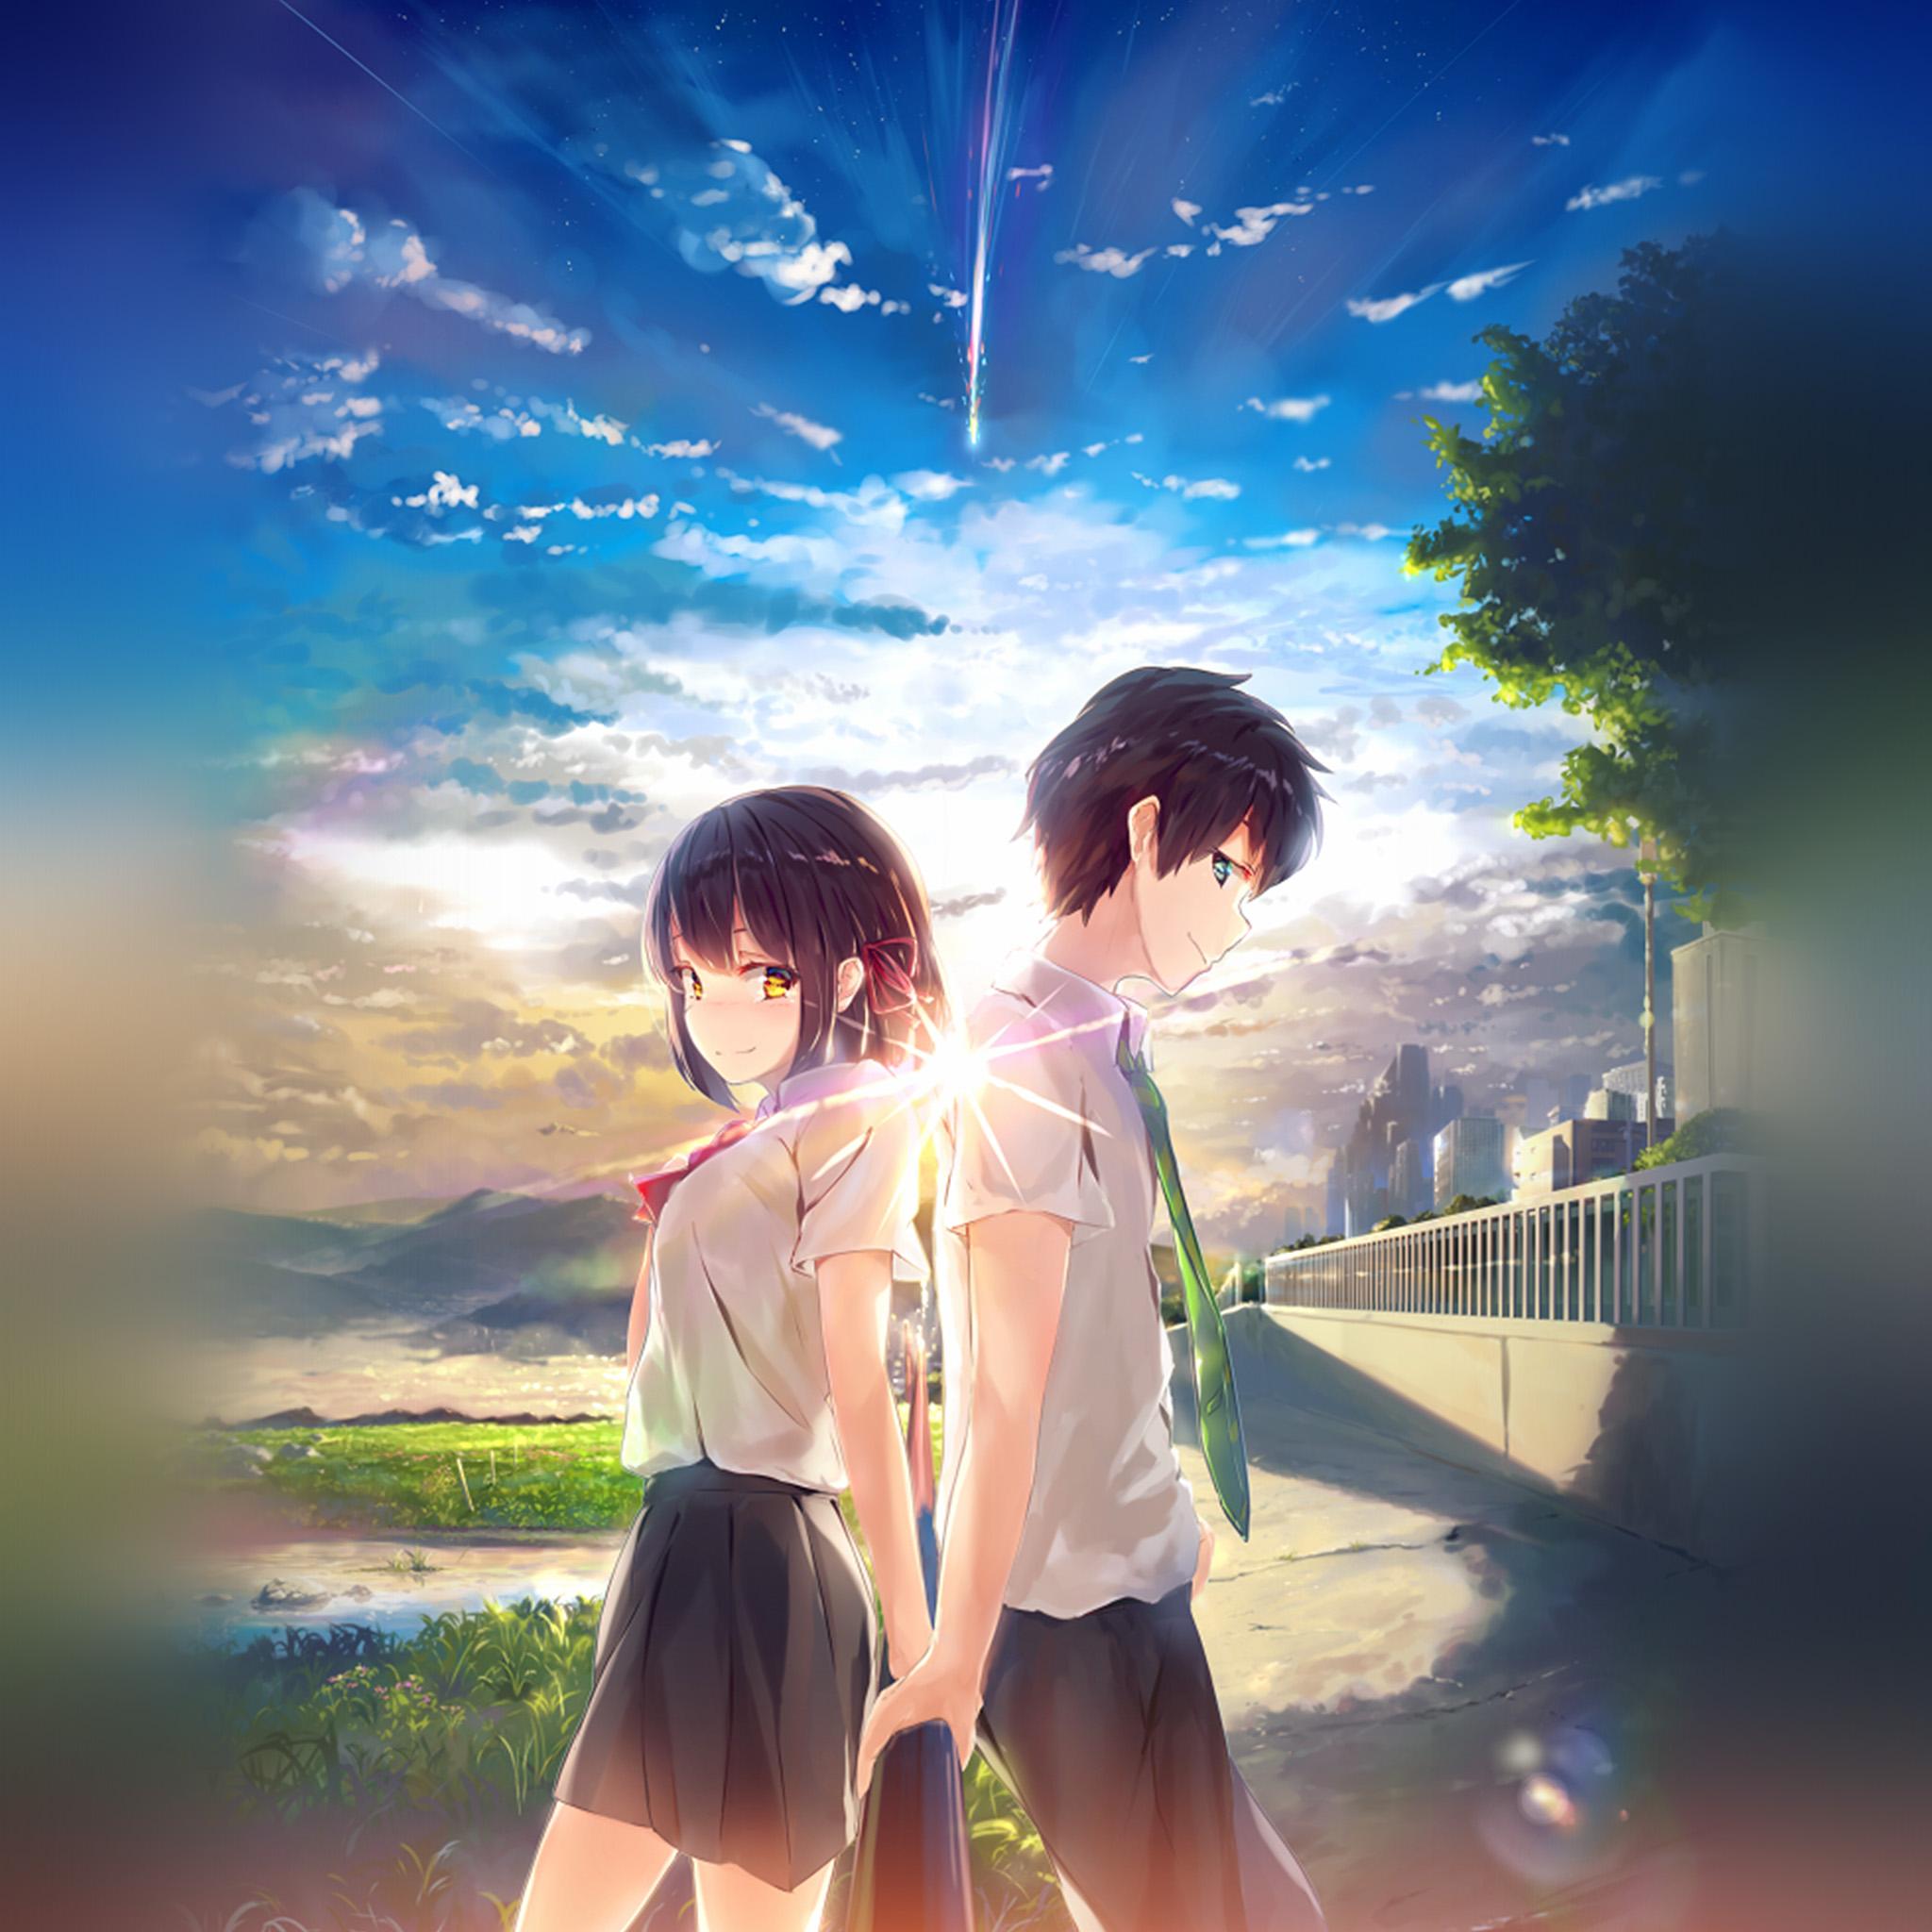 Imac Girl Wallpaper Az03 Anime Yourname Sky Illustration Art Wallpaper